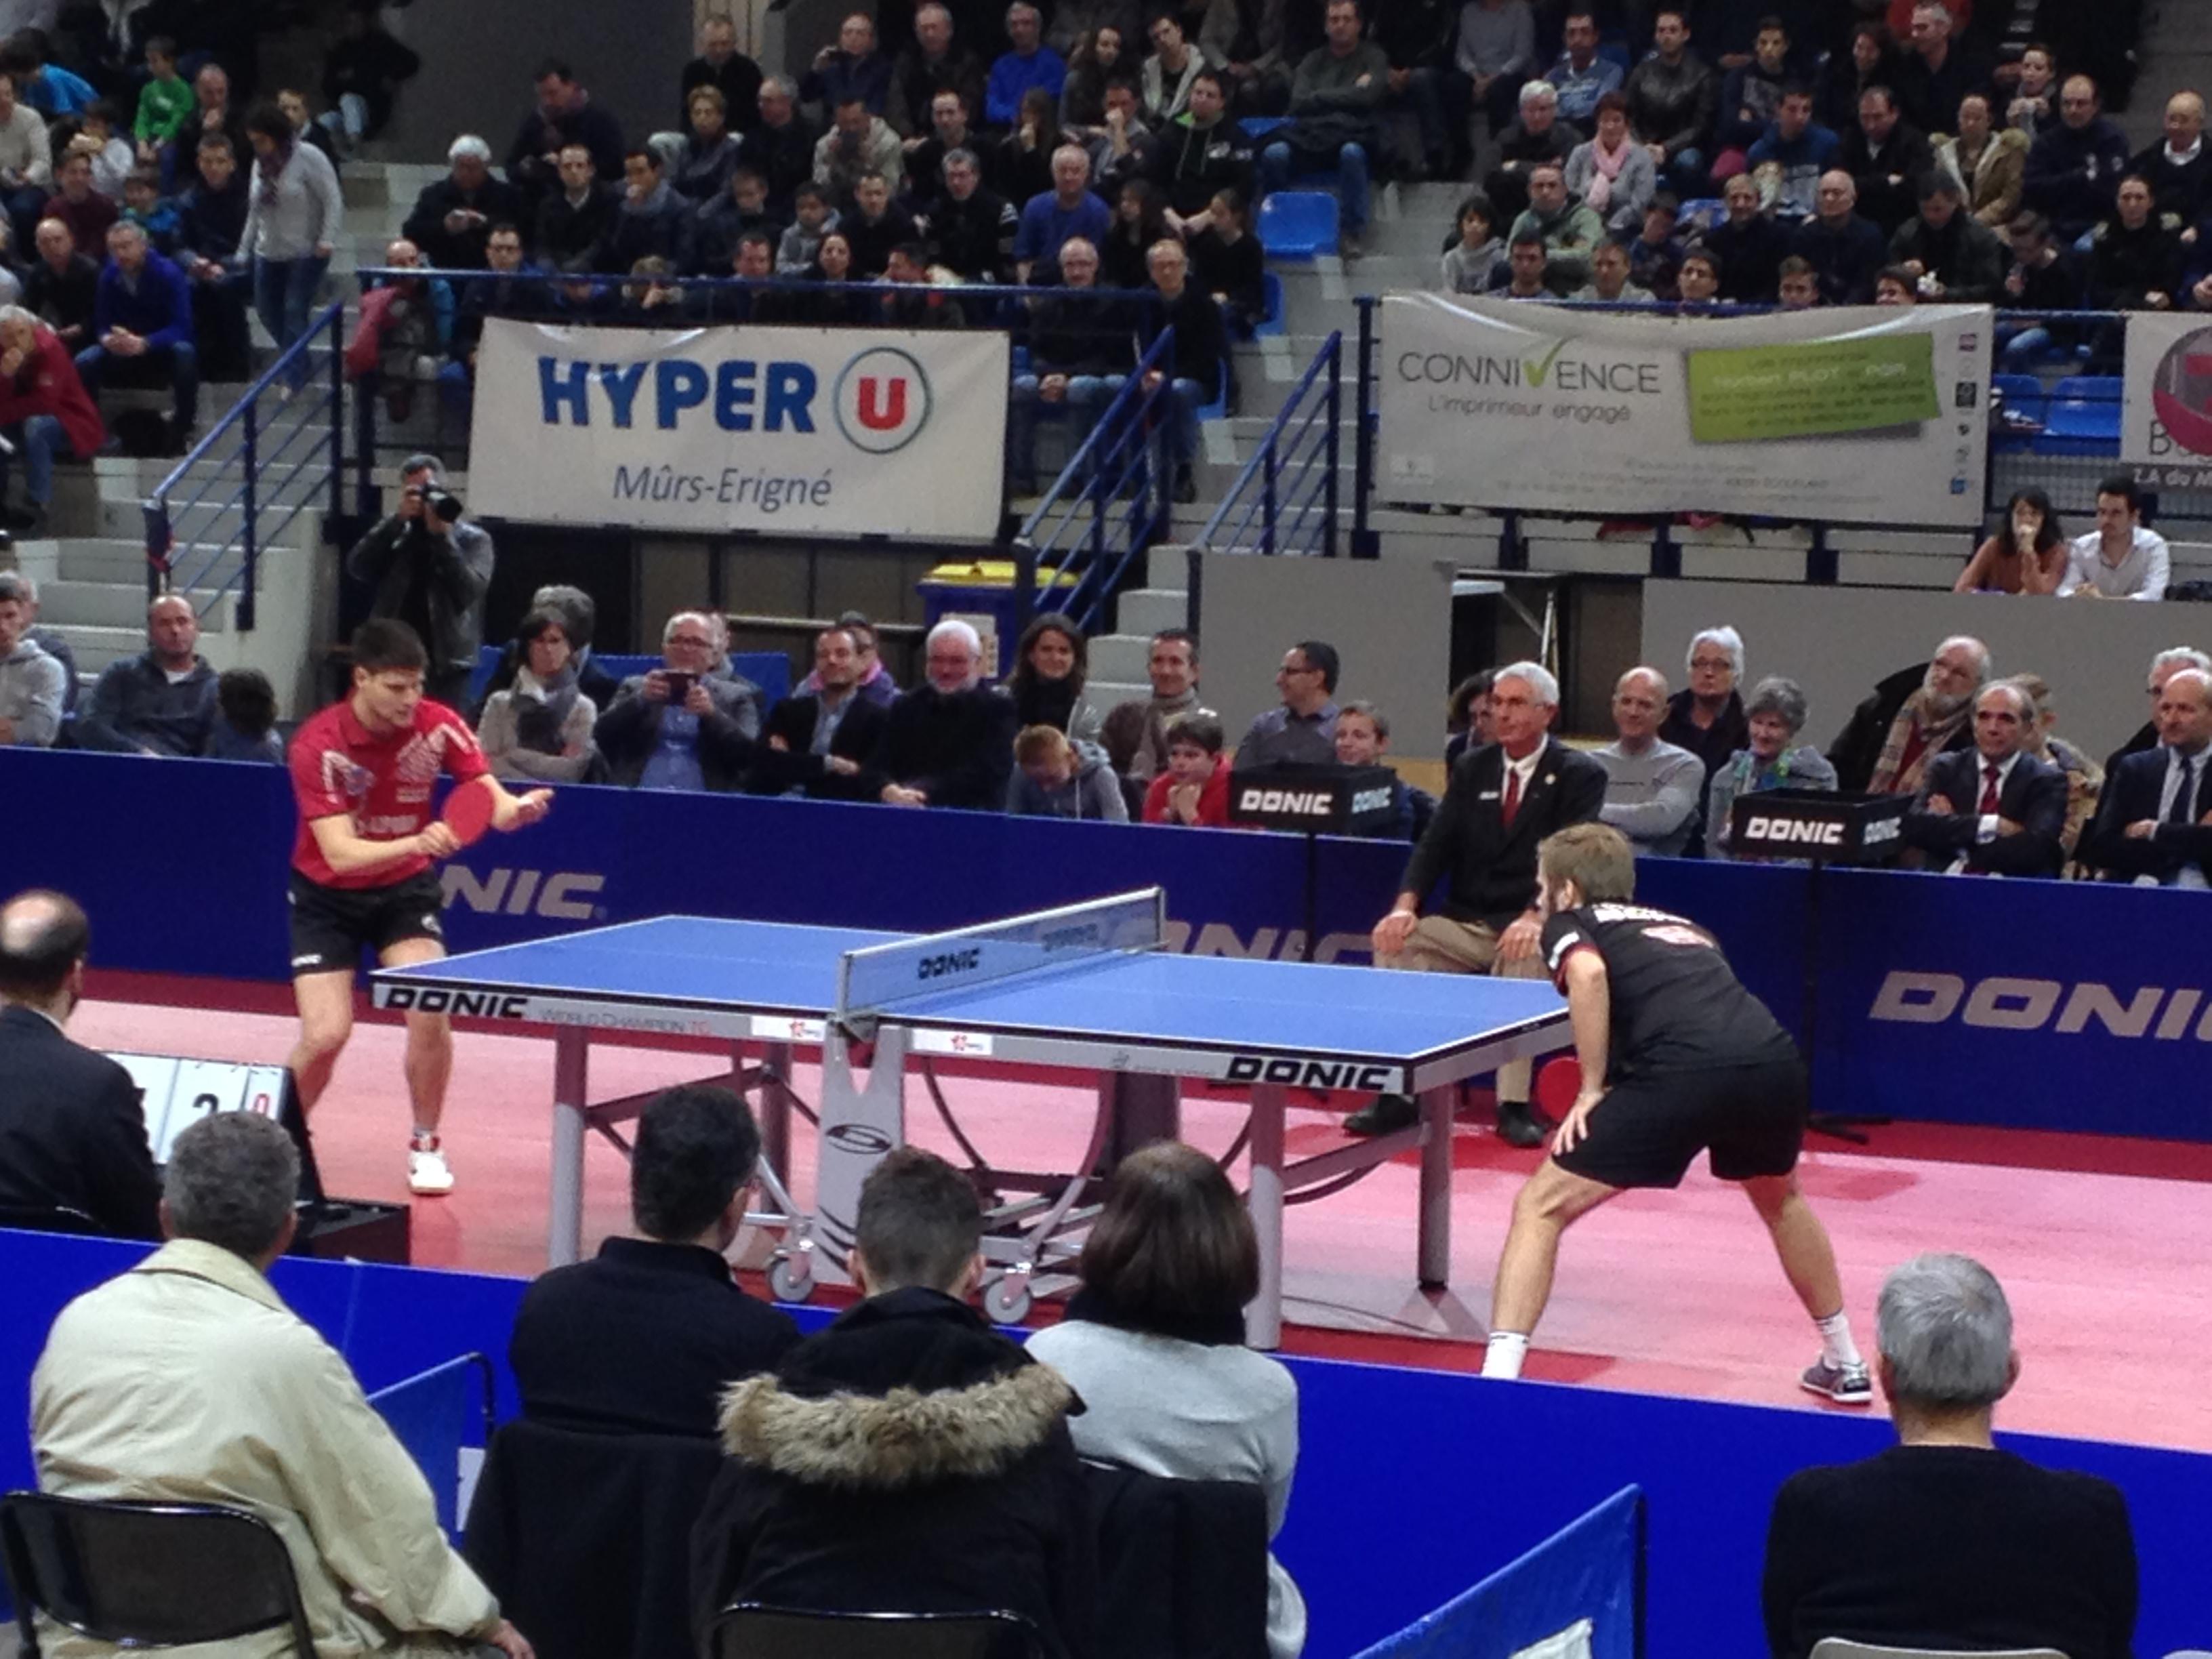 Un échange lors du deuxième match opposant Persson à Ovtcharov.